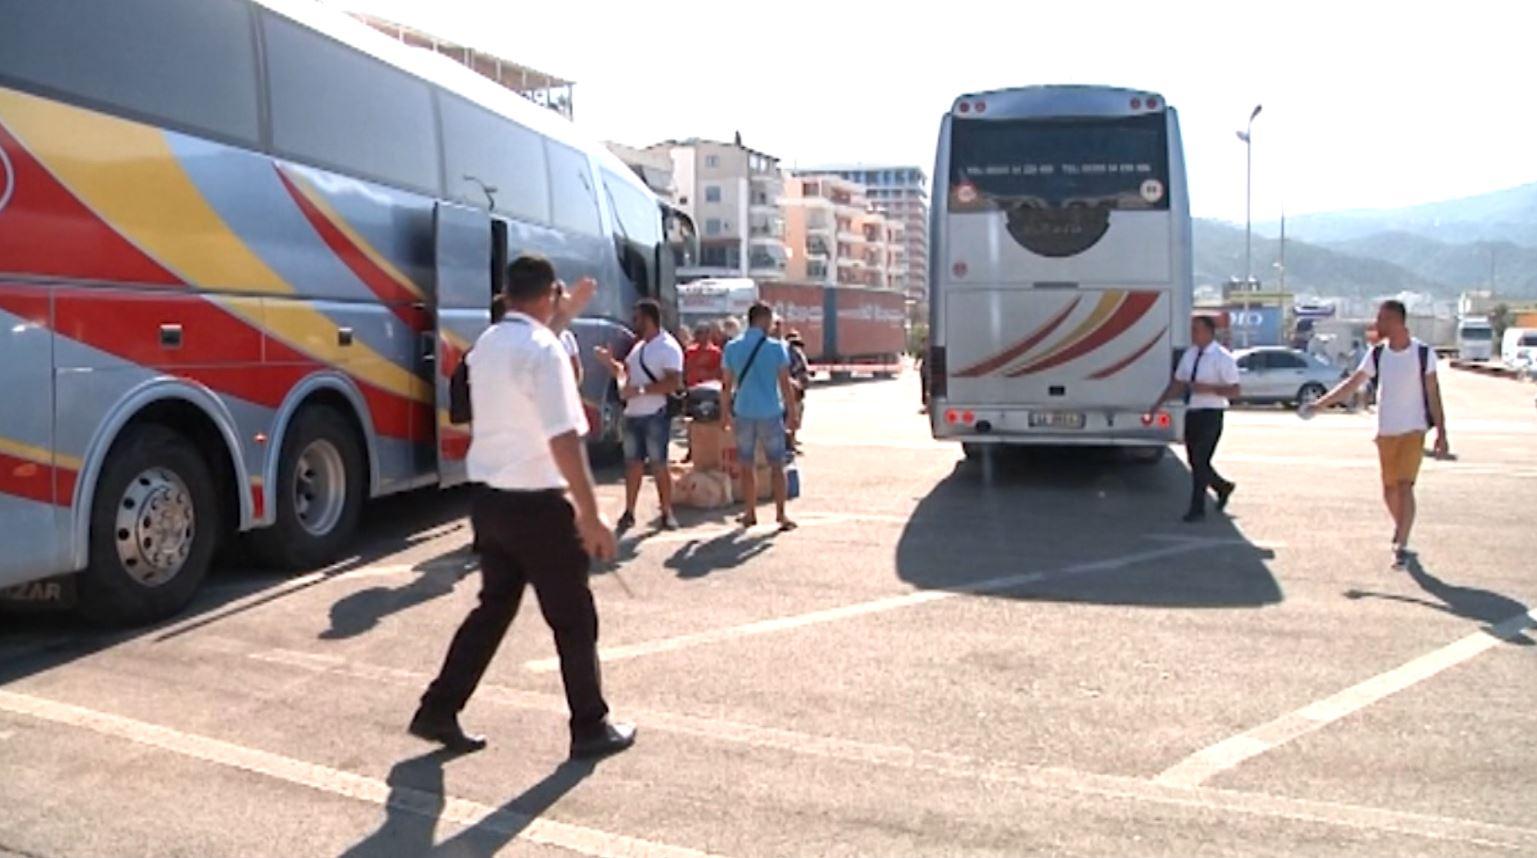 Fluks në portin e Vlorës, udhëtarët të kënaqur me kushtet